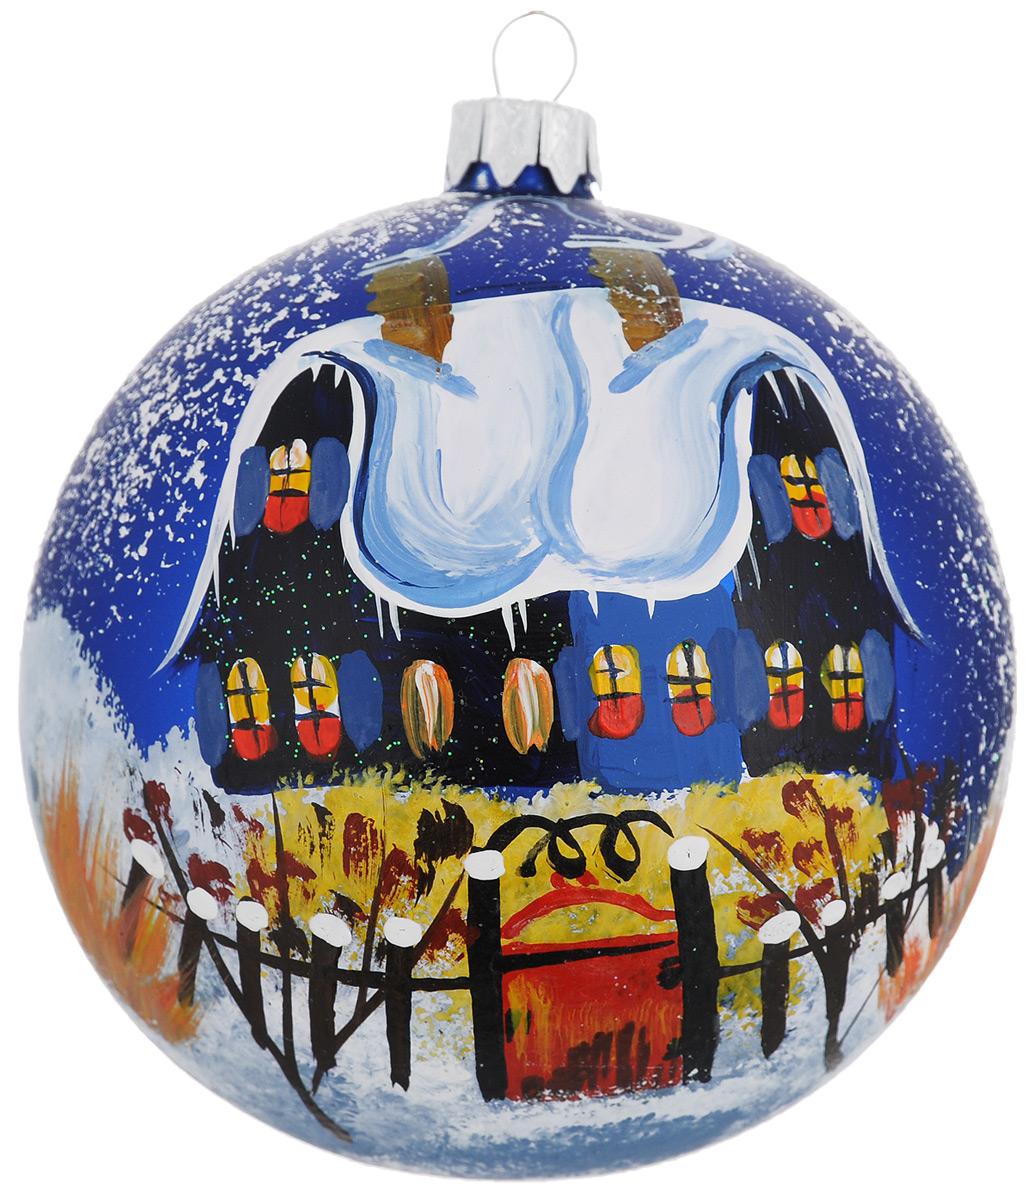 """Новогоднее украшение """"Синий дом красная калитка"""" отлично подойдет для украшения вашего дома и новогодней ели. Игрушка выполнена из тонкого стекла в виде шара и декорирована изображением заснеженного коттеджа. Украшение оснащено специальной металлической петелькой, в которую можно продеть нитку или ленту для подвешивания. Елочная игрушка - символ Нового года. Она несет в себе волшебство и красоту праздника. Создайте в своем доме атмосферу веселья и радости, украшая всей семьей новогоднюю елку нарядными игрушками, которые будут из года в год накапливать теплоту воспоминаний."""